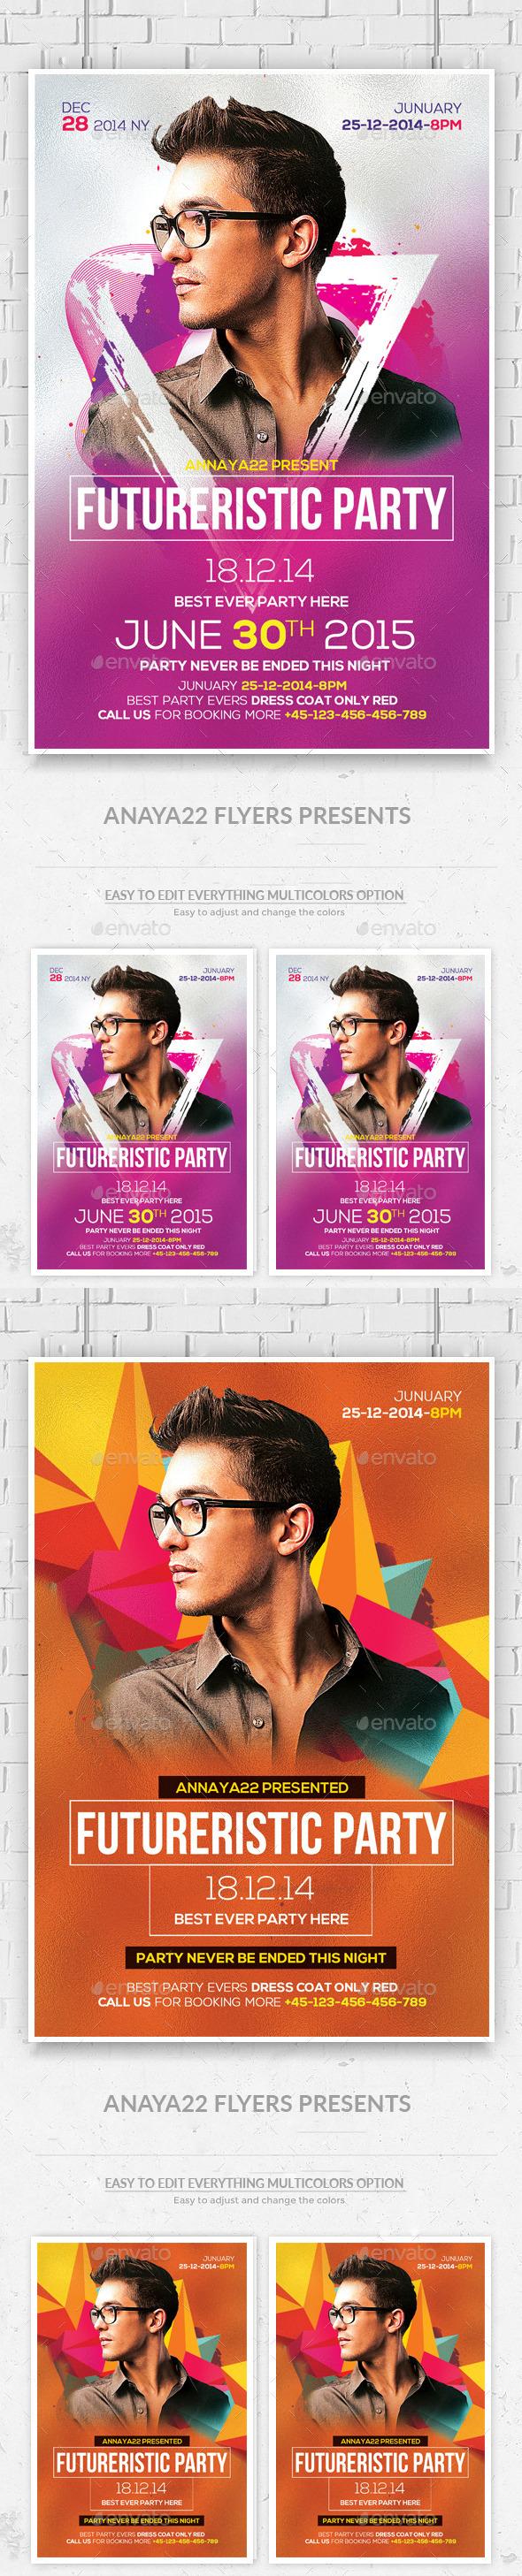 Electro Concert Dj Flyers Bundle - Clubs & Parties Events